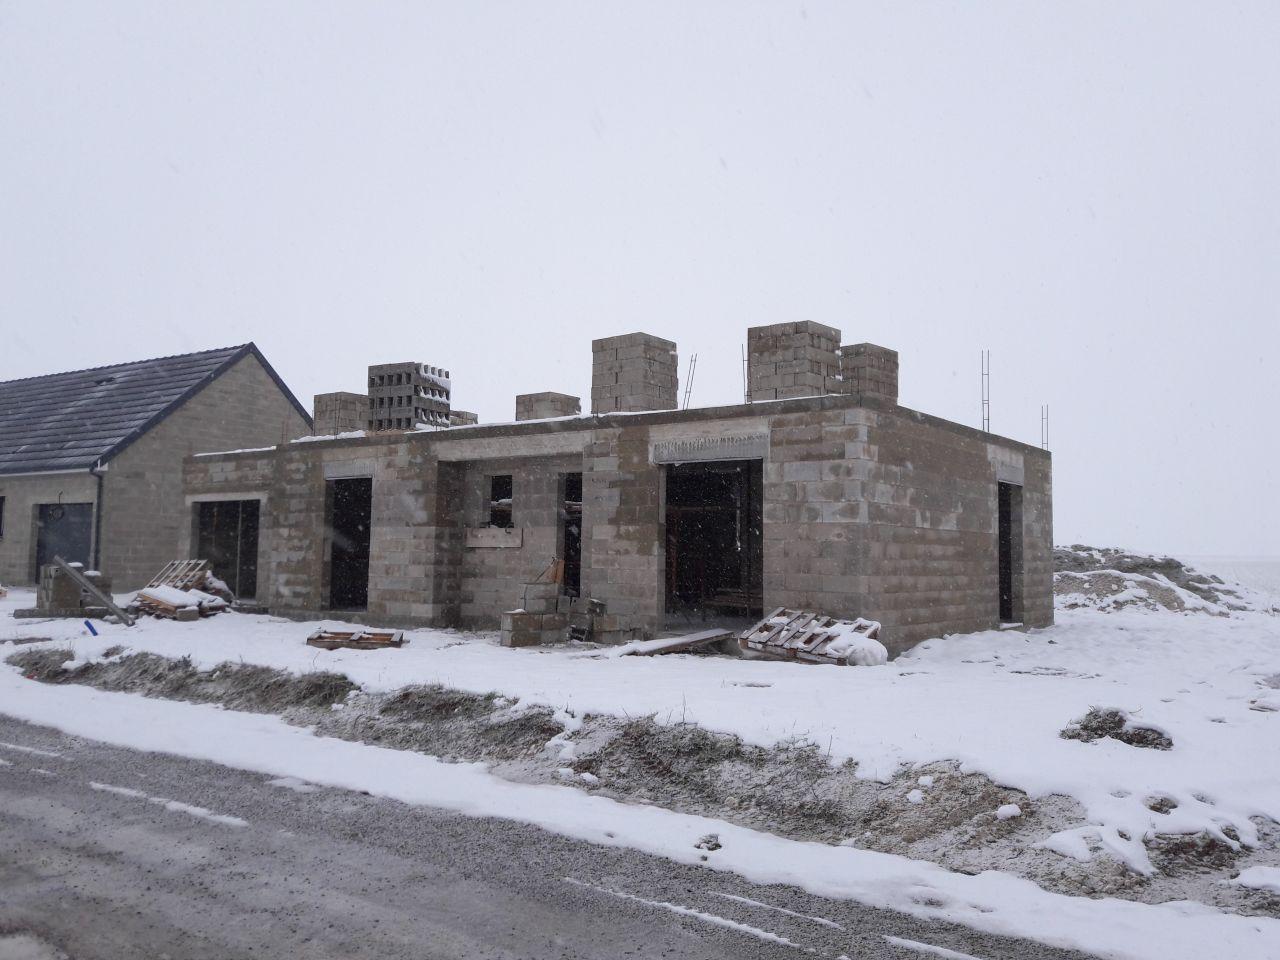 Livraison des parpaings pour l'élévation de l'étage et maison sous la neige